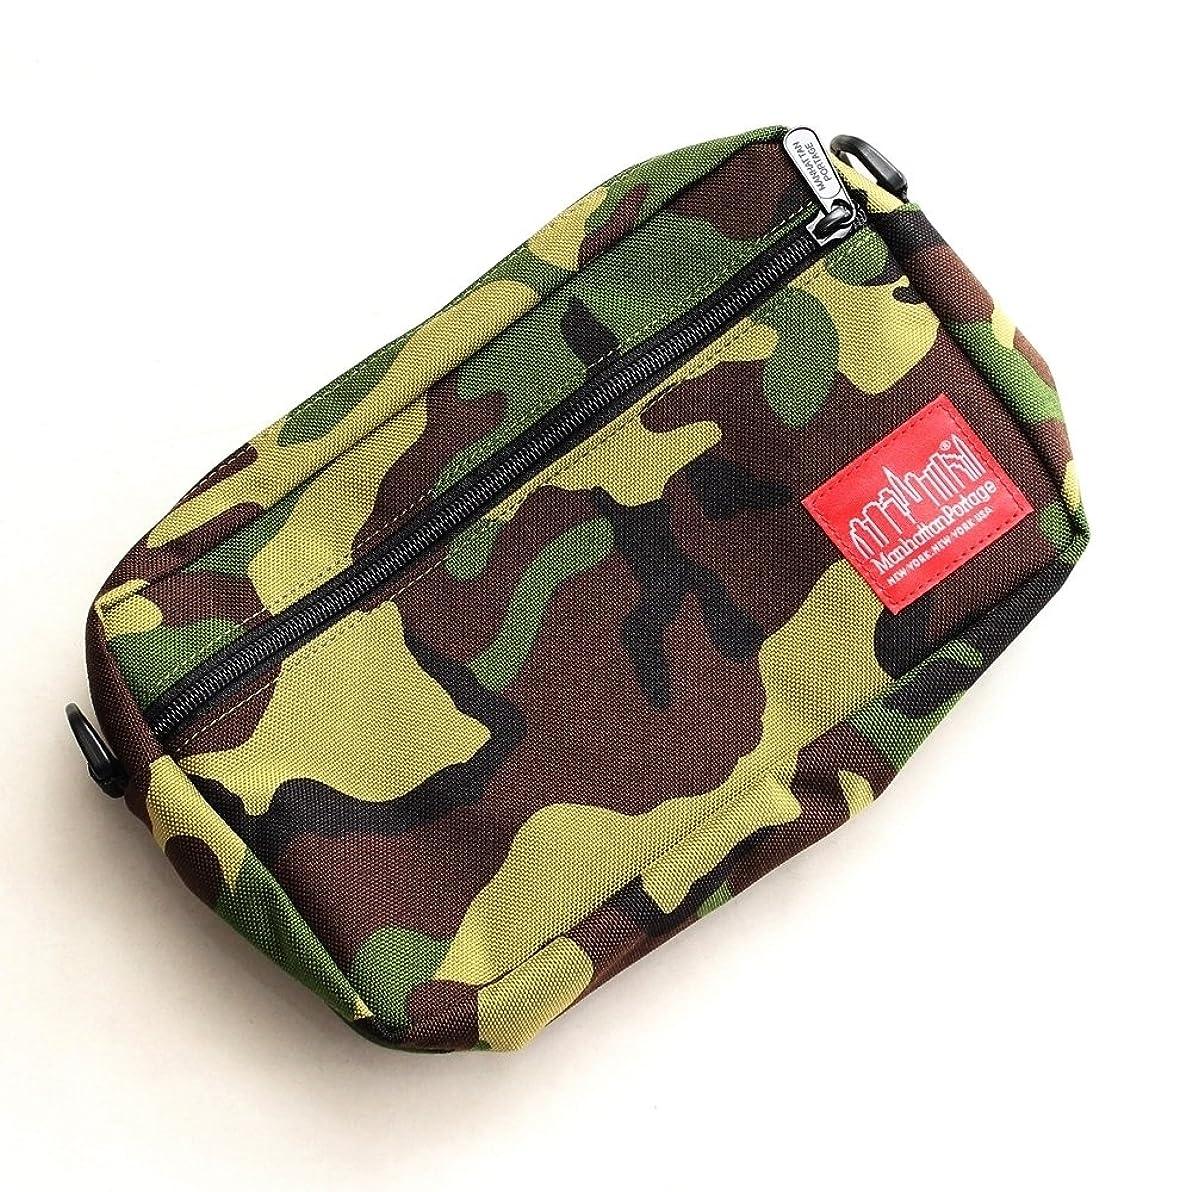 骨の折れる巨大難民マンハッタン ポーテージ メンズ レディース バッグ ブランド ショルダーバッグ ワンショルダー (66-mp1404l) カモフラージュ